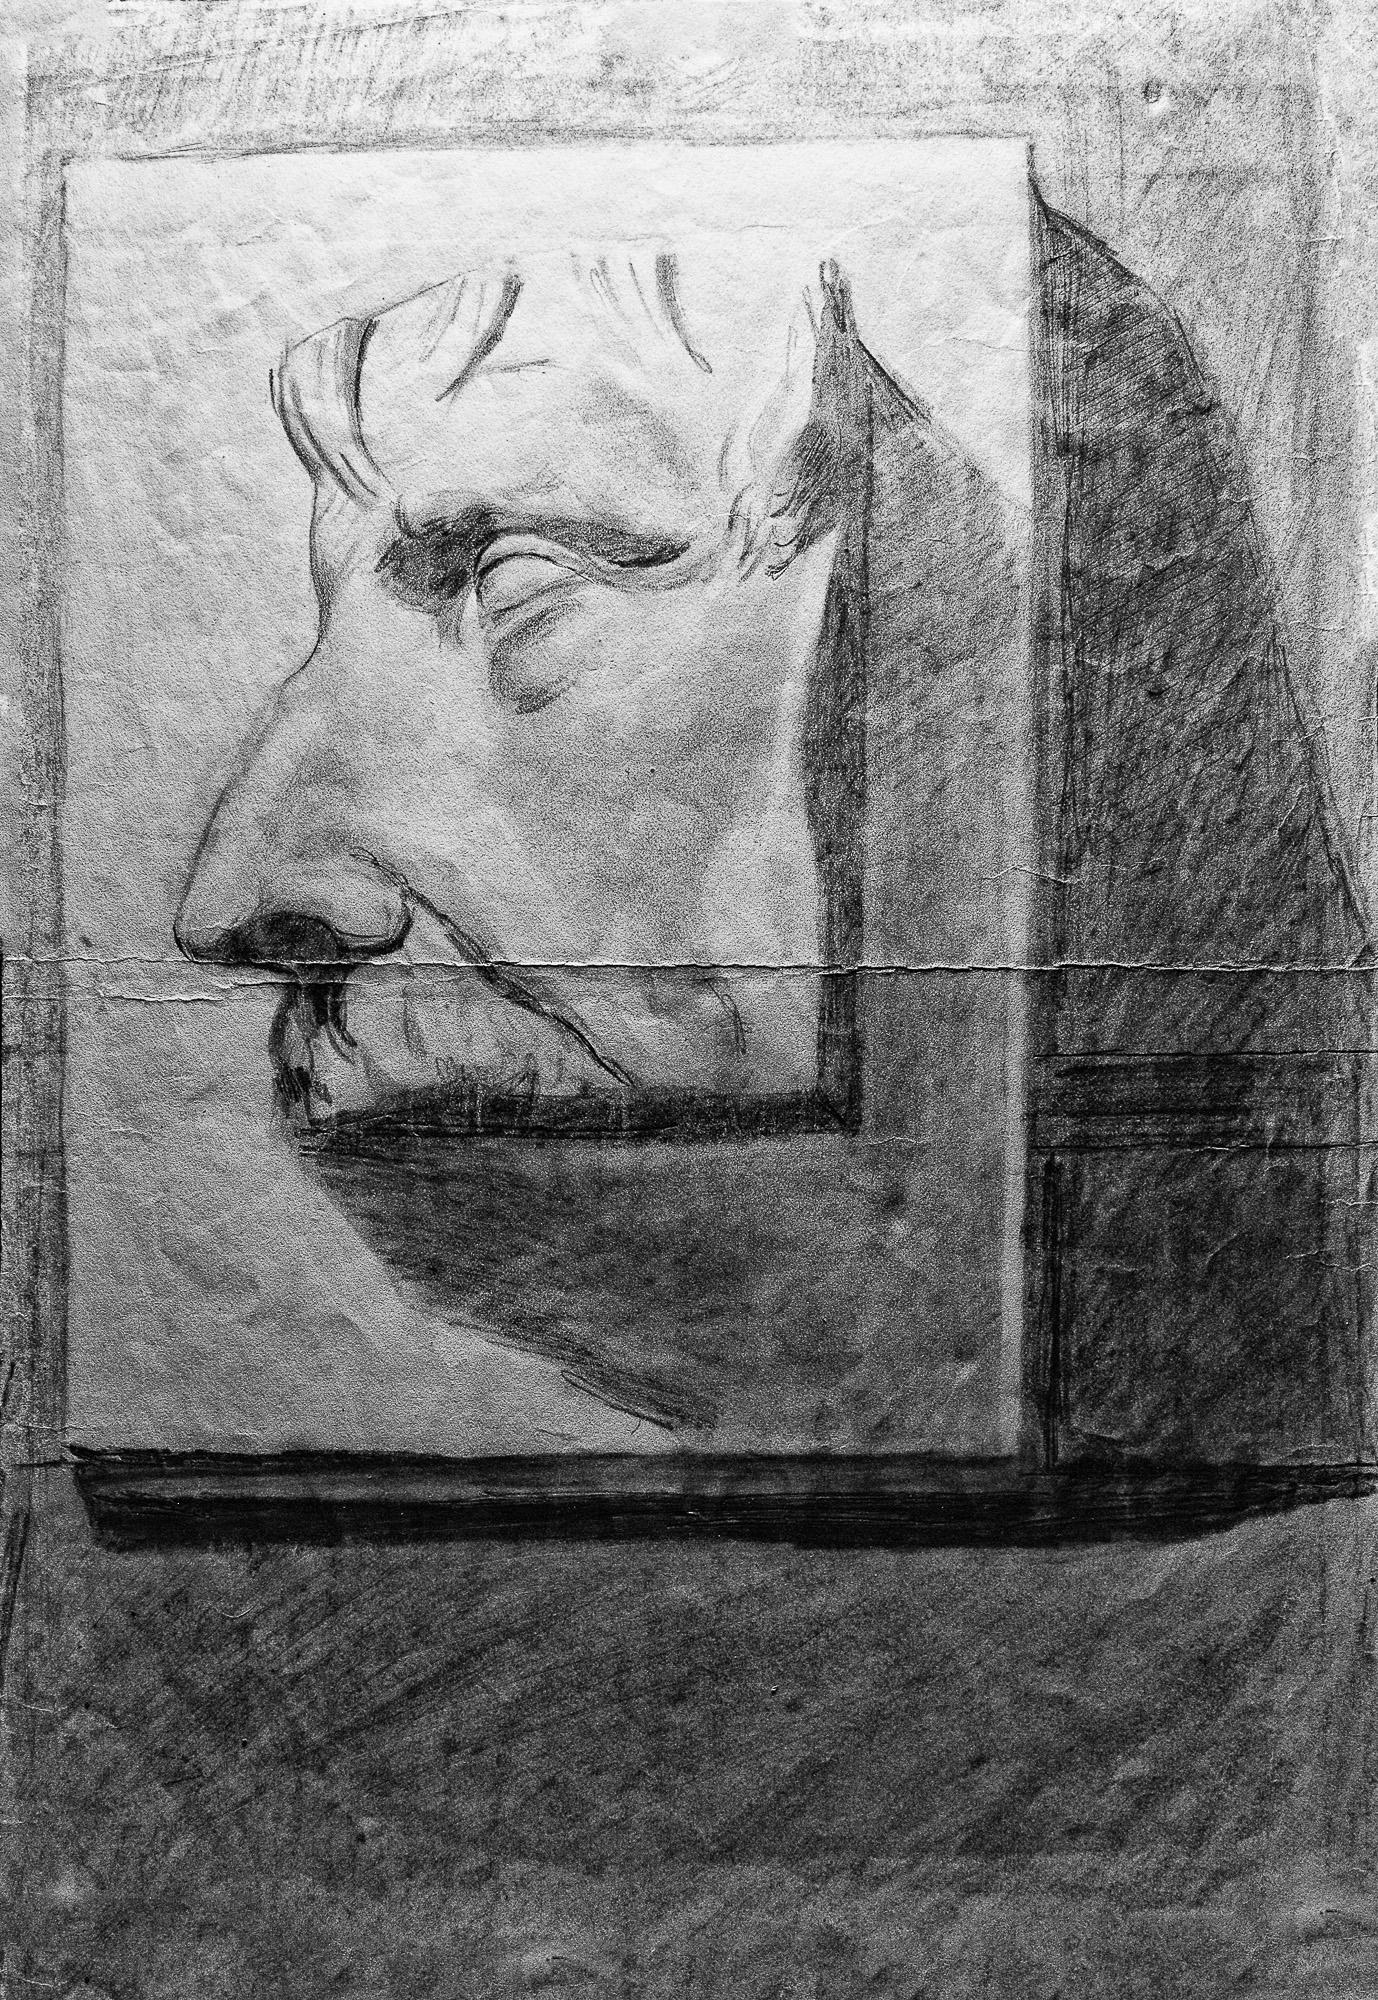 Juan Soto. Obra temprana 1946. Carboncillo sobre papel. 34,5 x 23,5 cm.